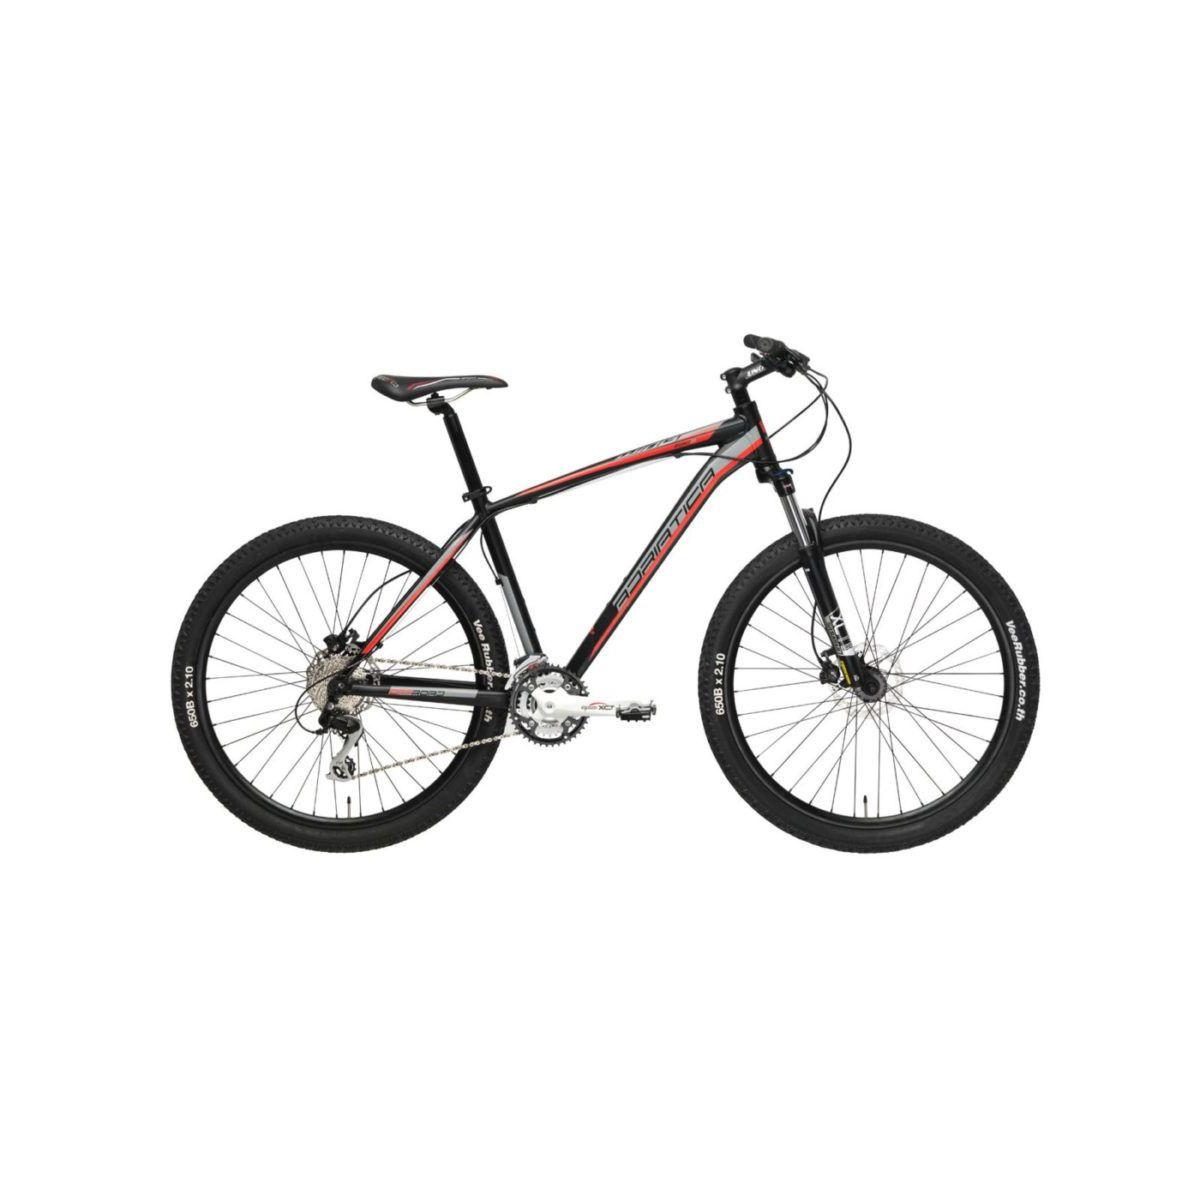 Bici rx uomo 29